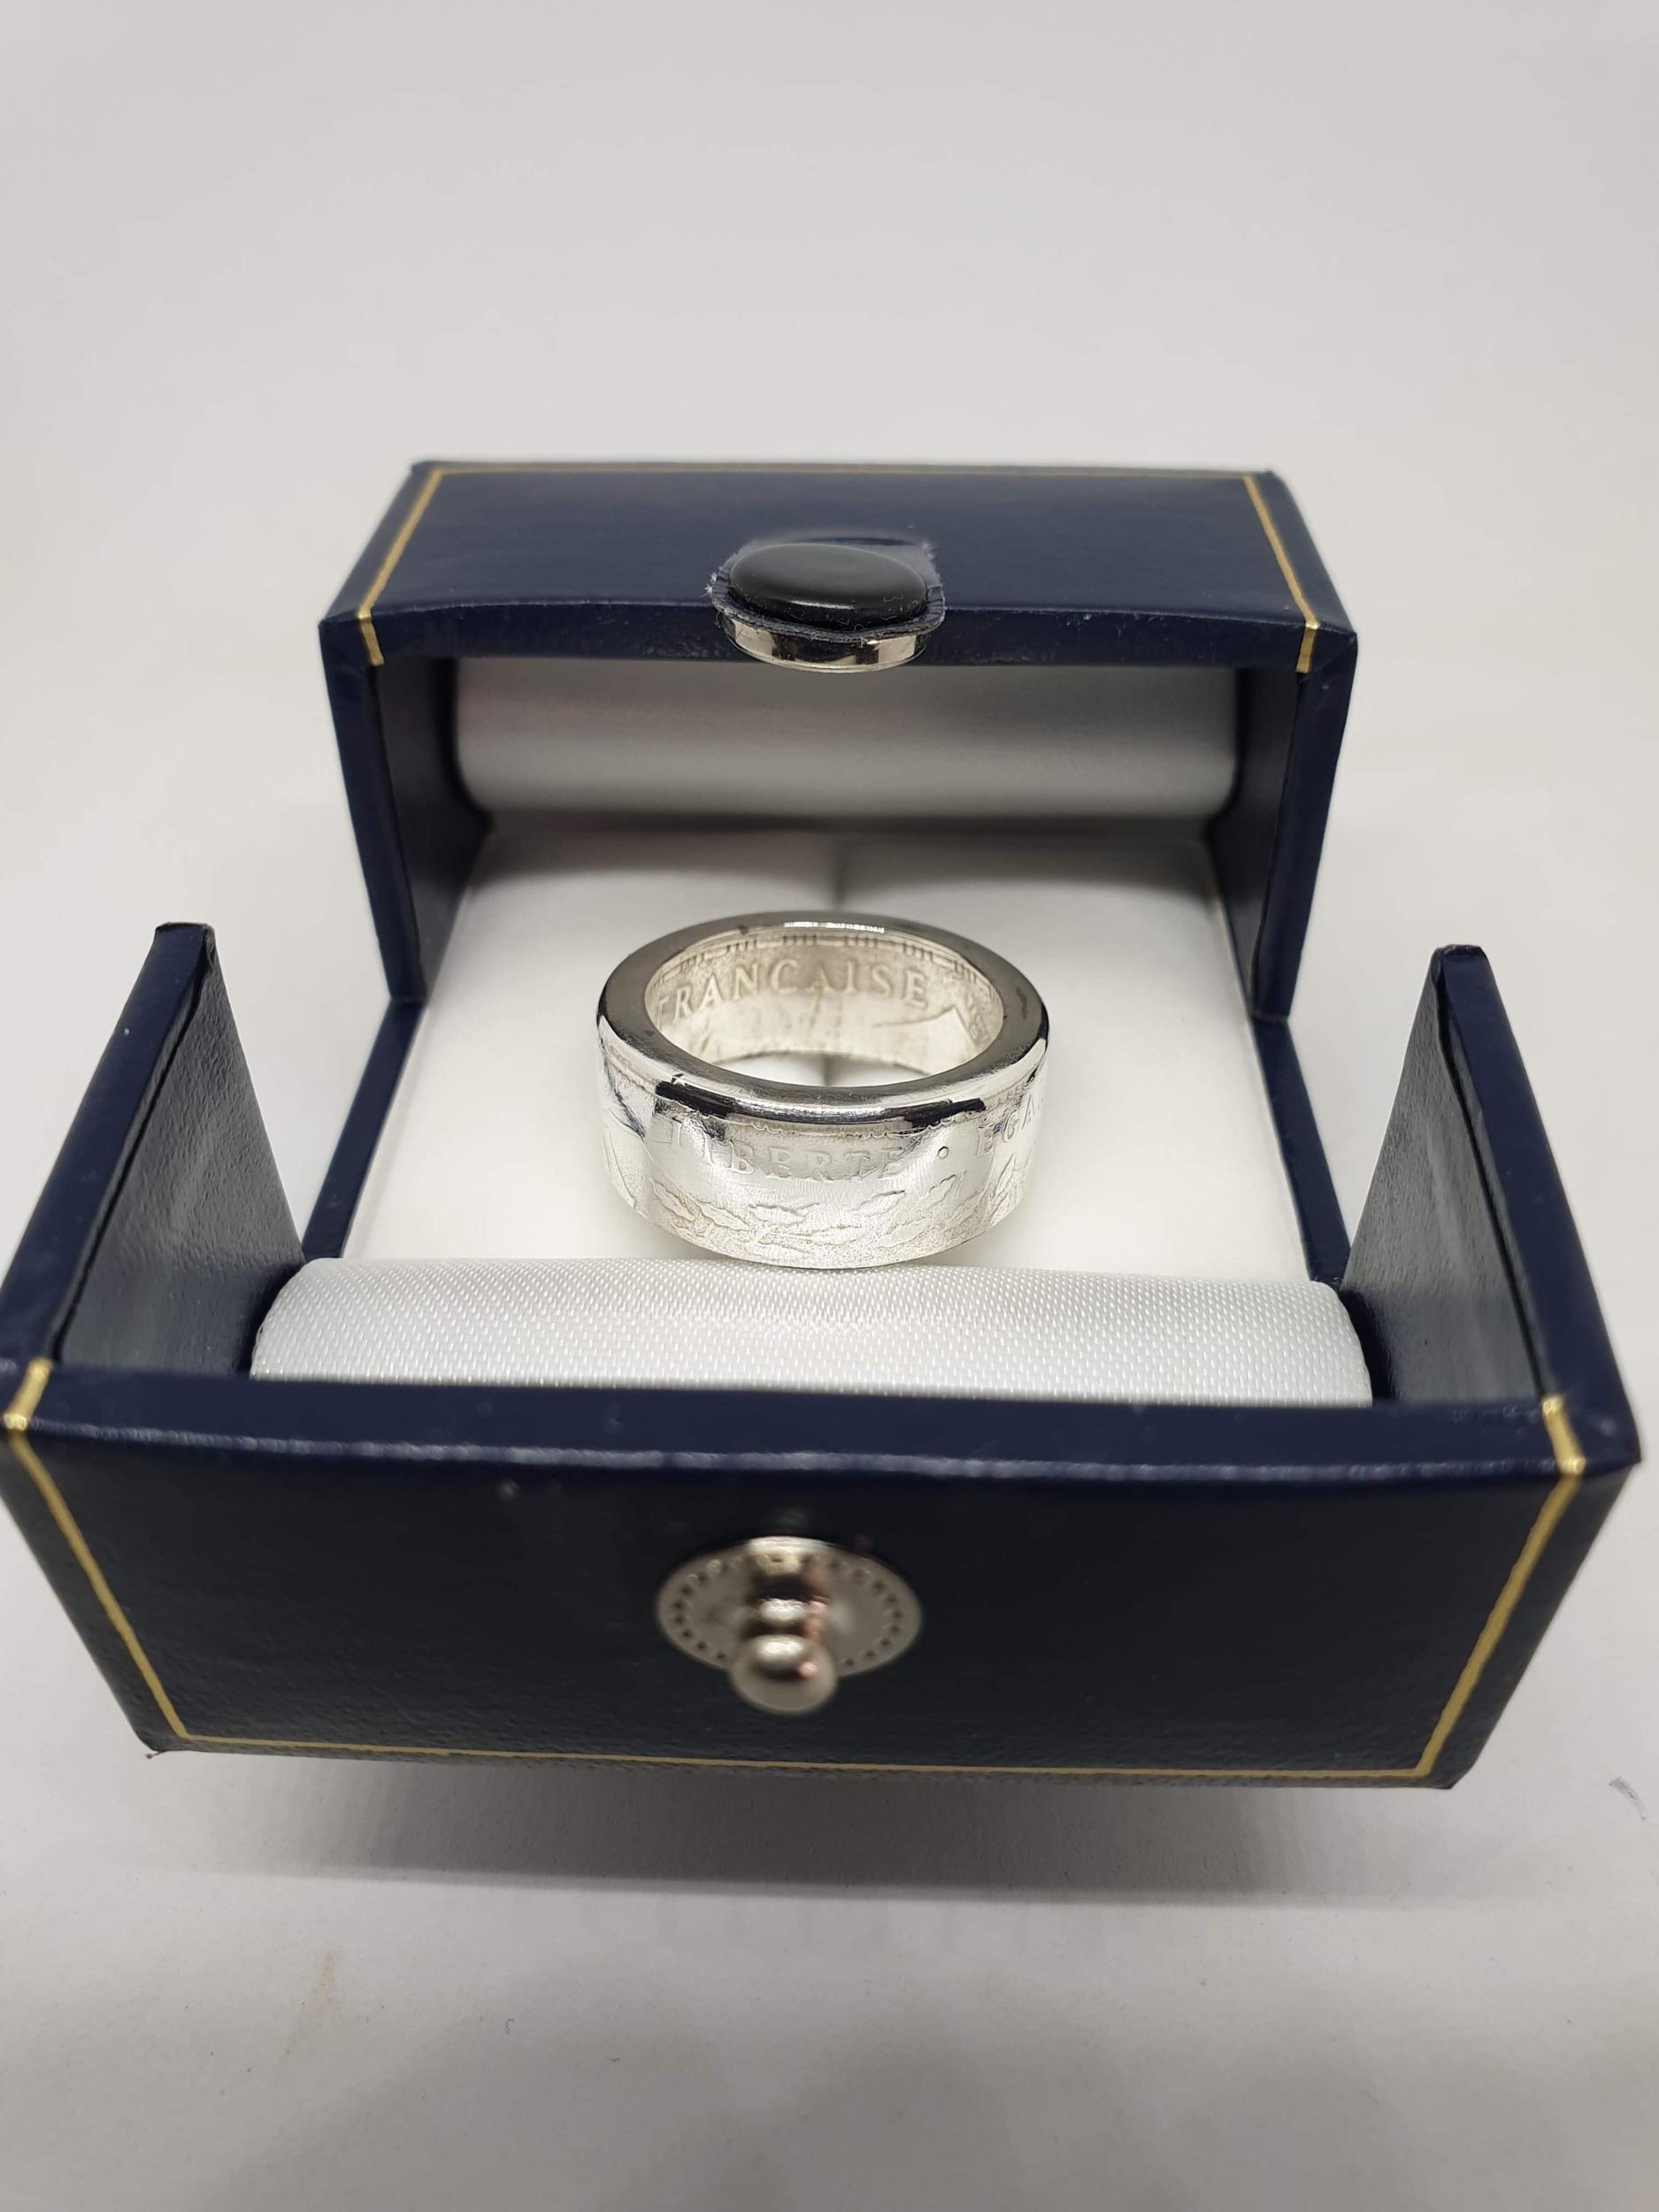 Anneau coin ring 100 Francs argent Panthéon de 1982.